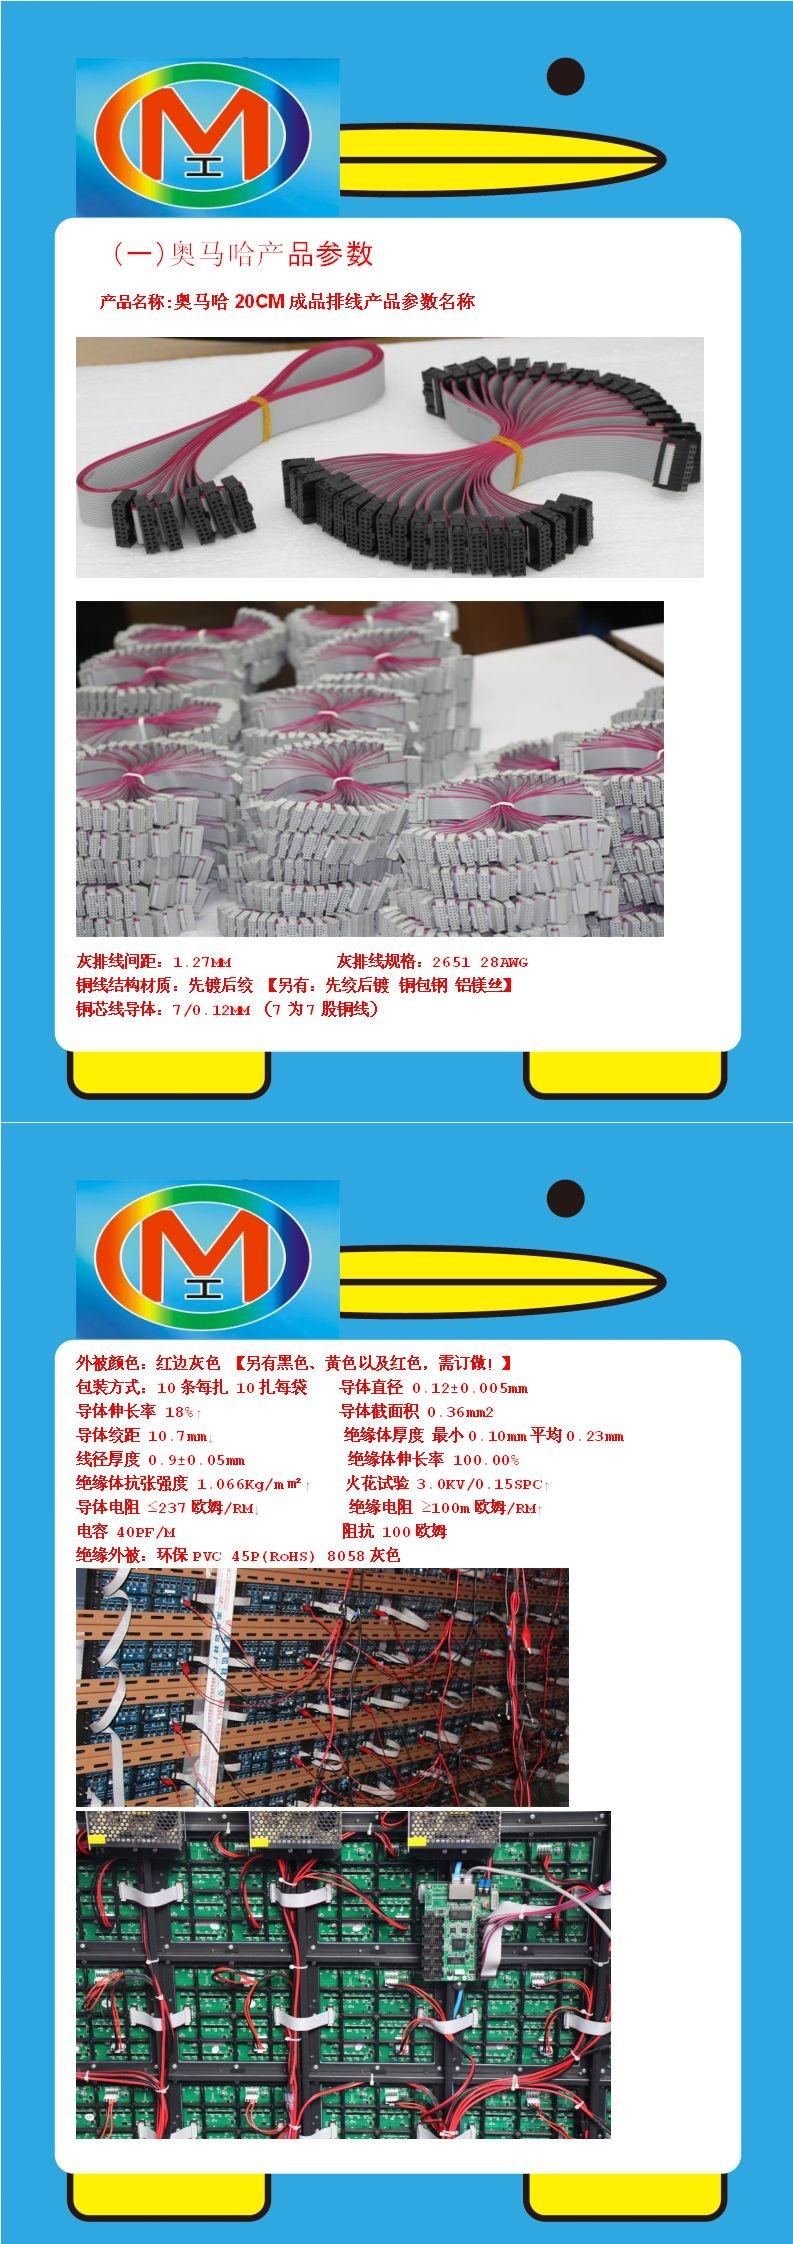 杭州市LED户外显示屏模组专用成品排线20CM(奥马哈)